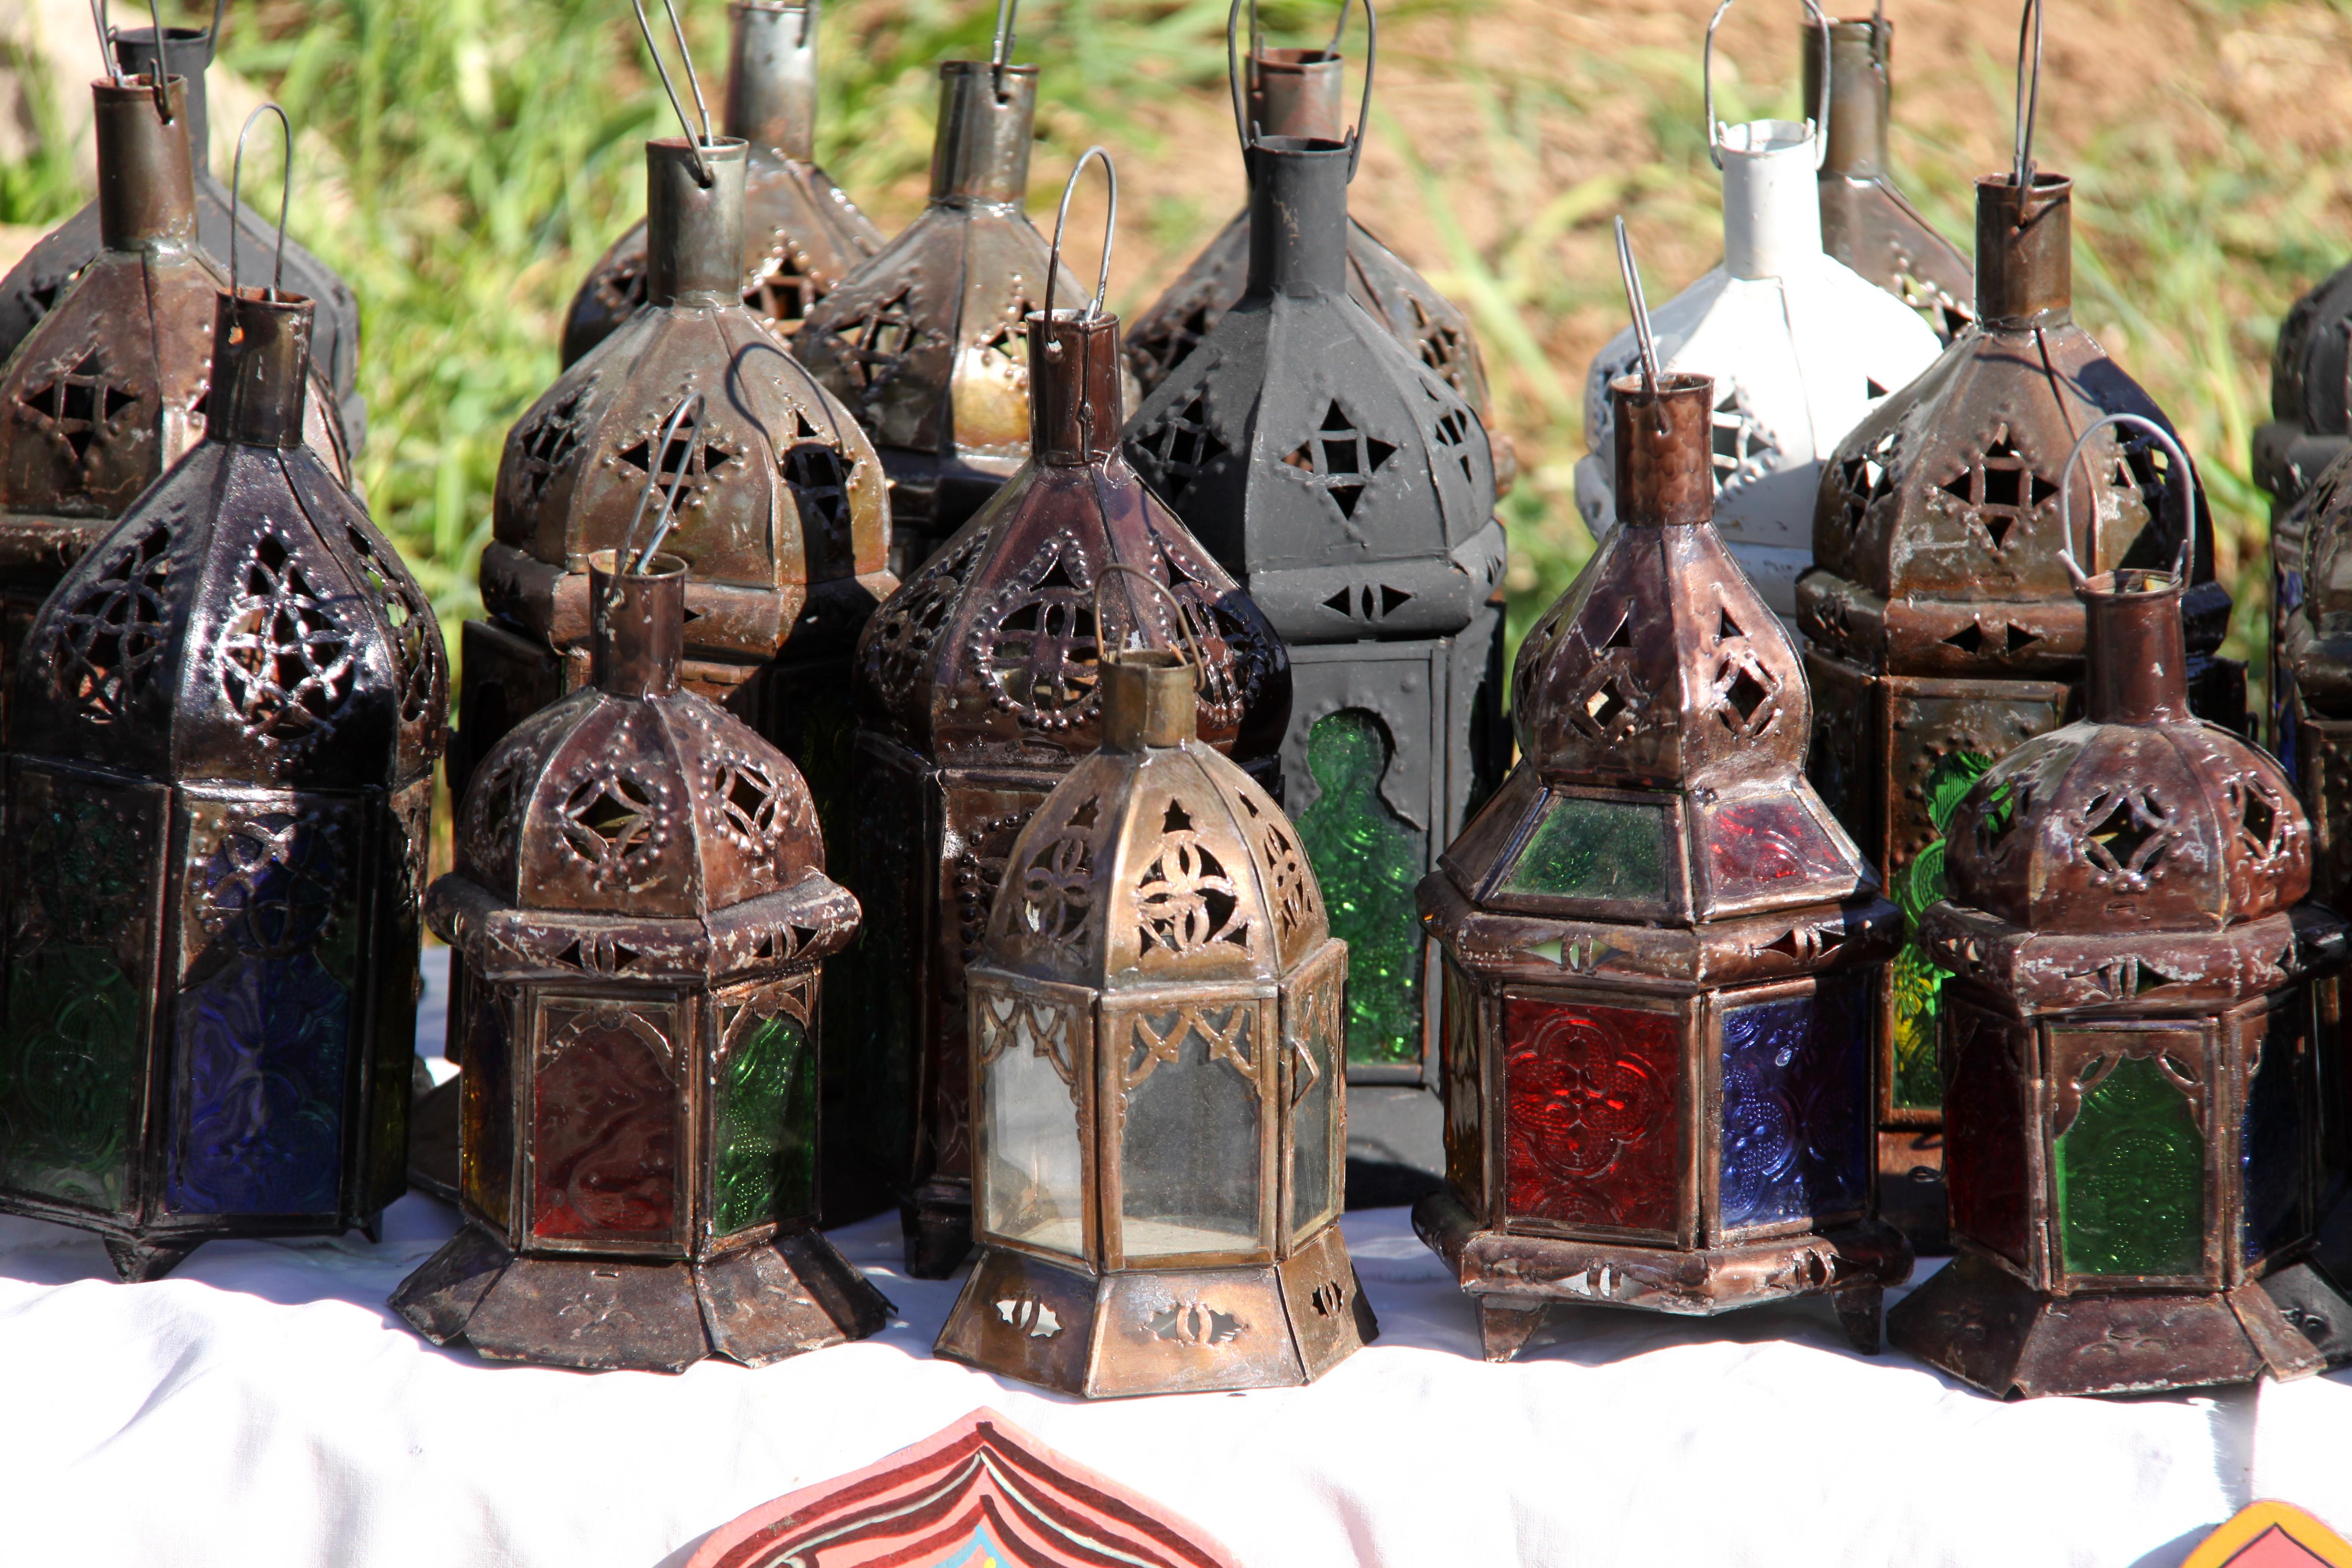 Kauniit marokkolaistyyliset lamput ja lyhdyt suorastaan huutavat raottamaan kukkaron nyörejä, vaikka matkalaukussa ei olisikaan tilaa.